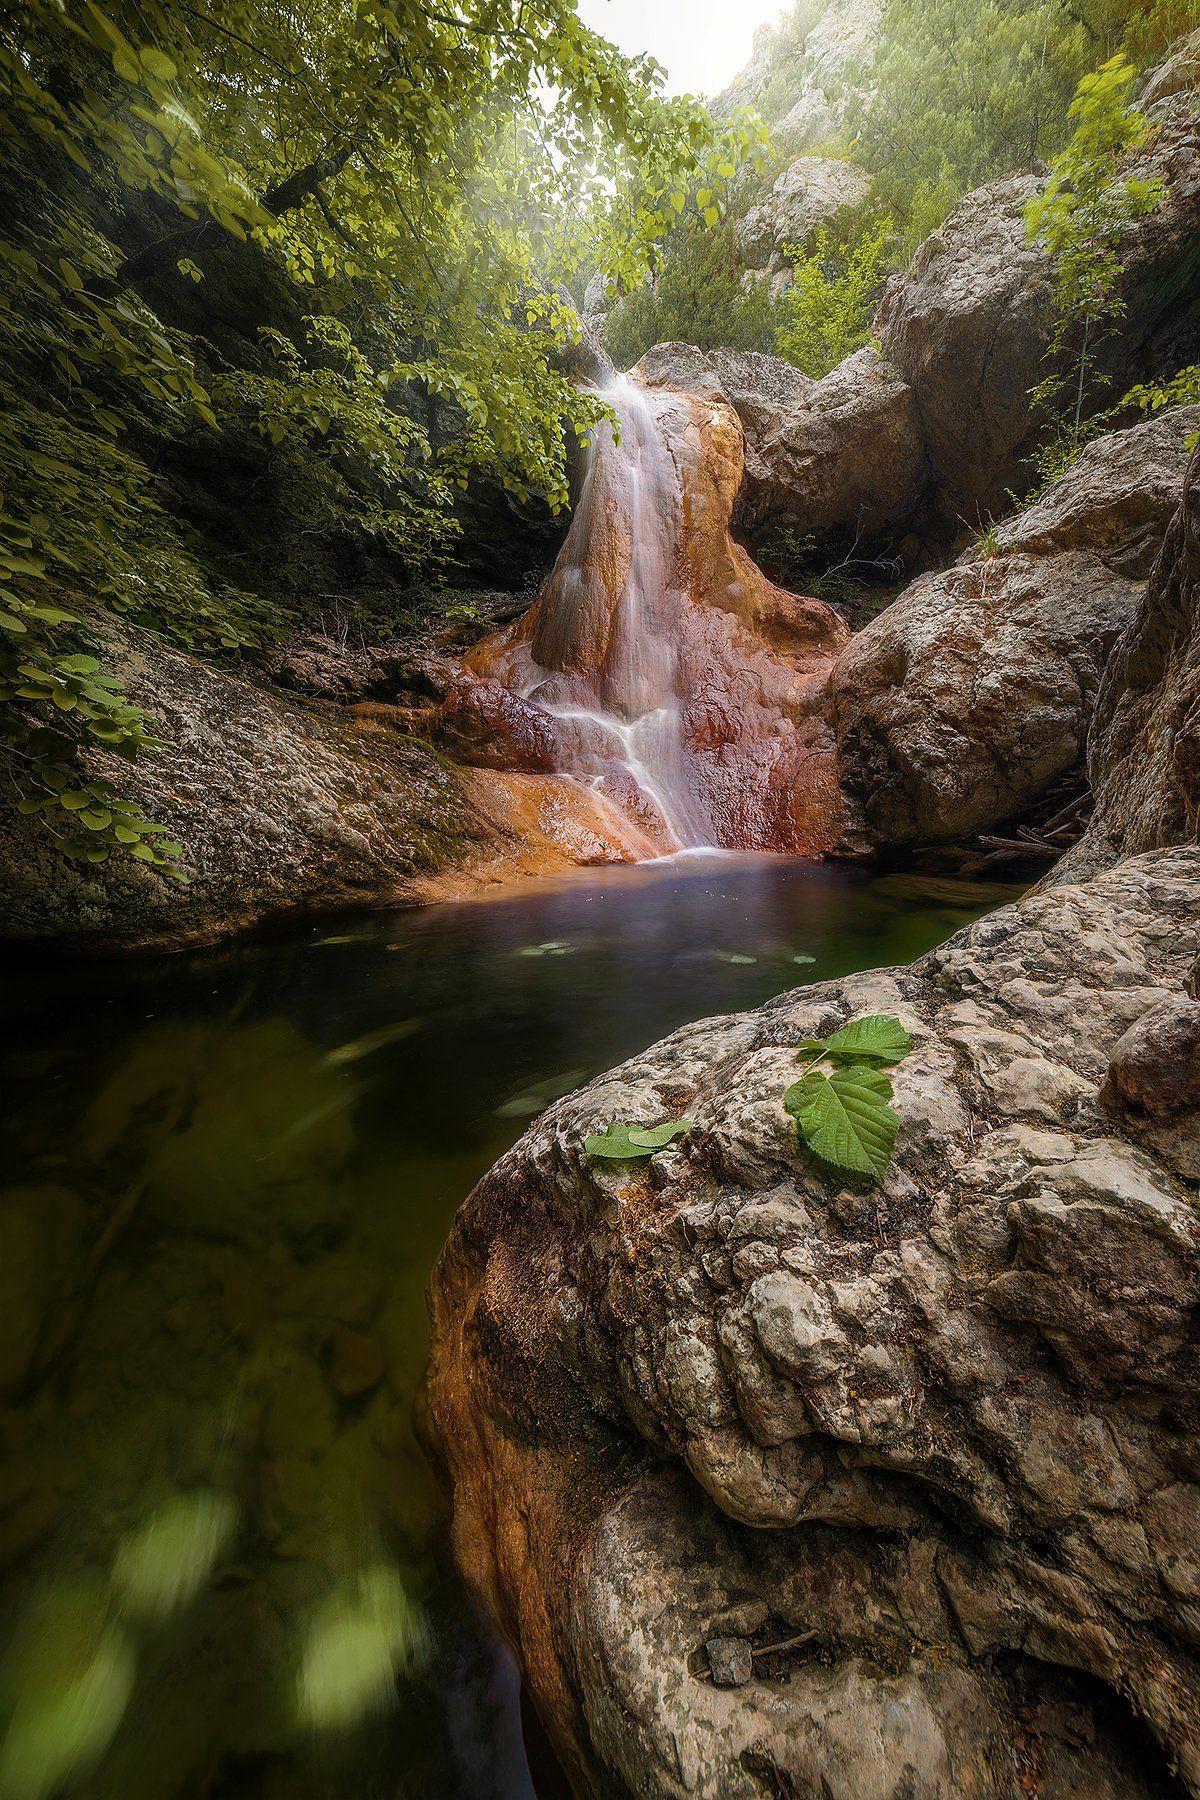 мелодия, водопад, река, горы, крым, весна, лето, листья, Макс